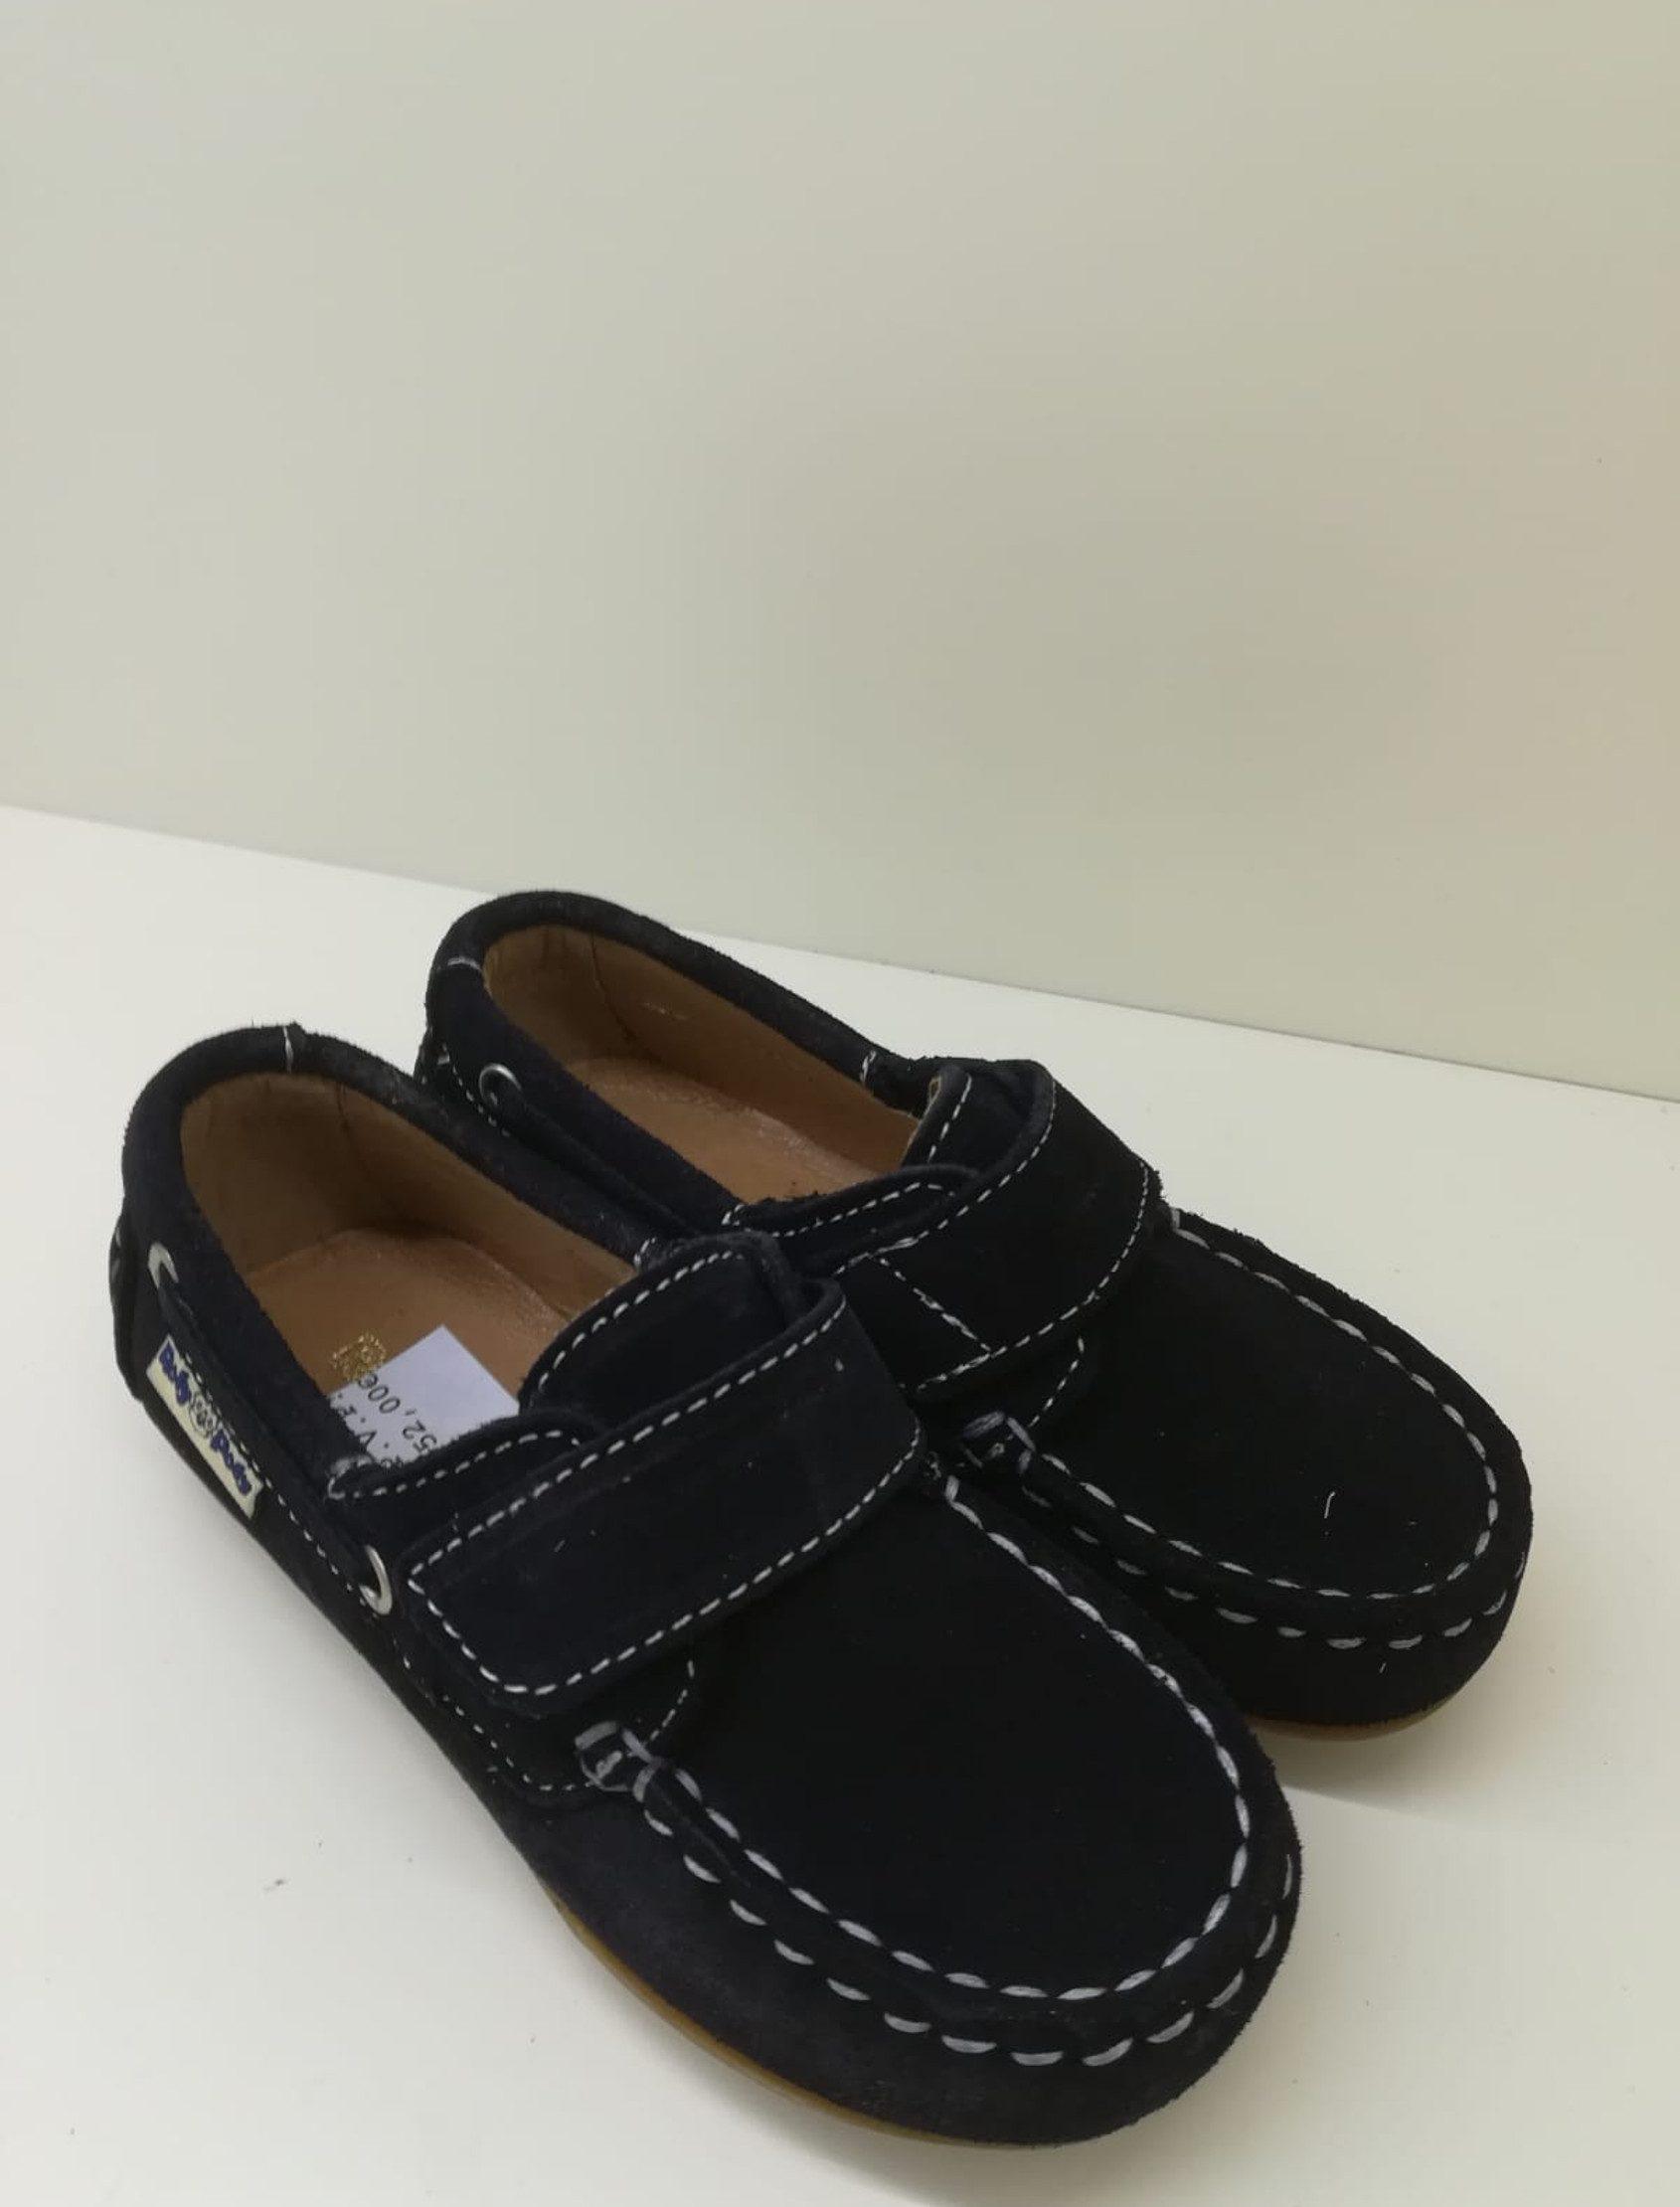 Zapato nautico en serraje azul marino con velcro. Un básico para todos los niños.